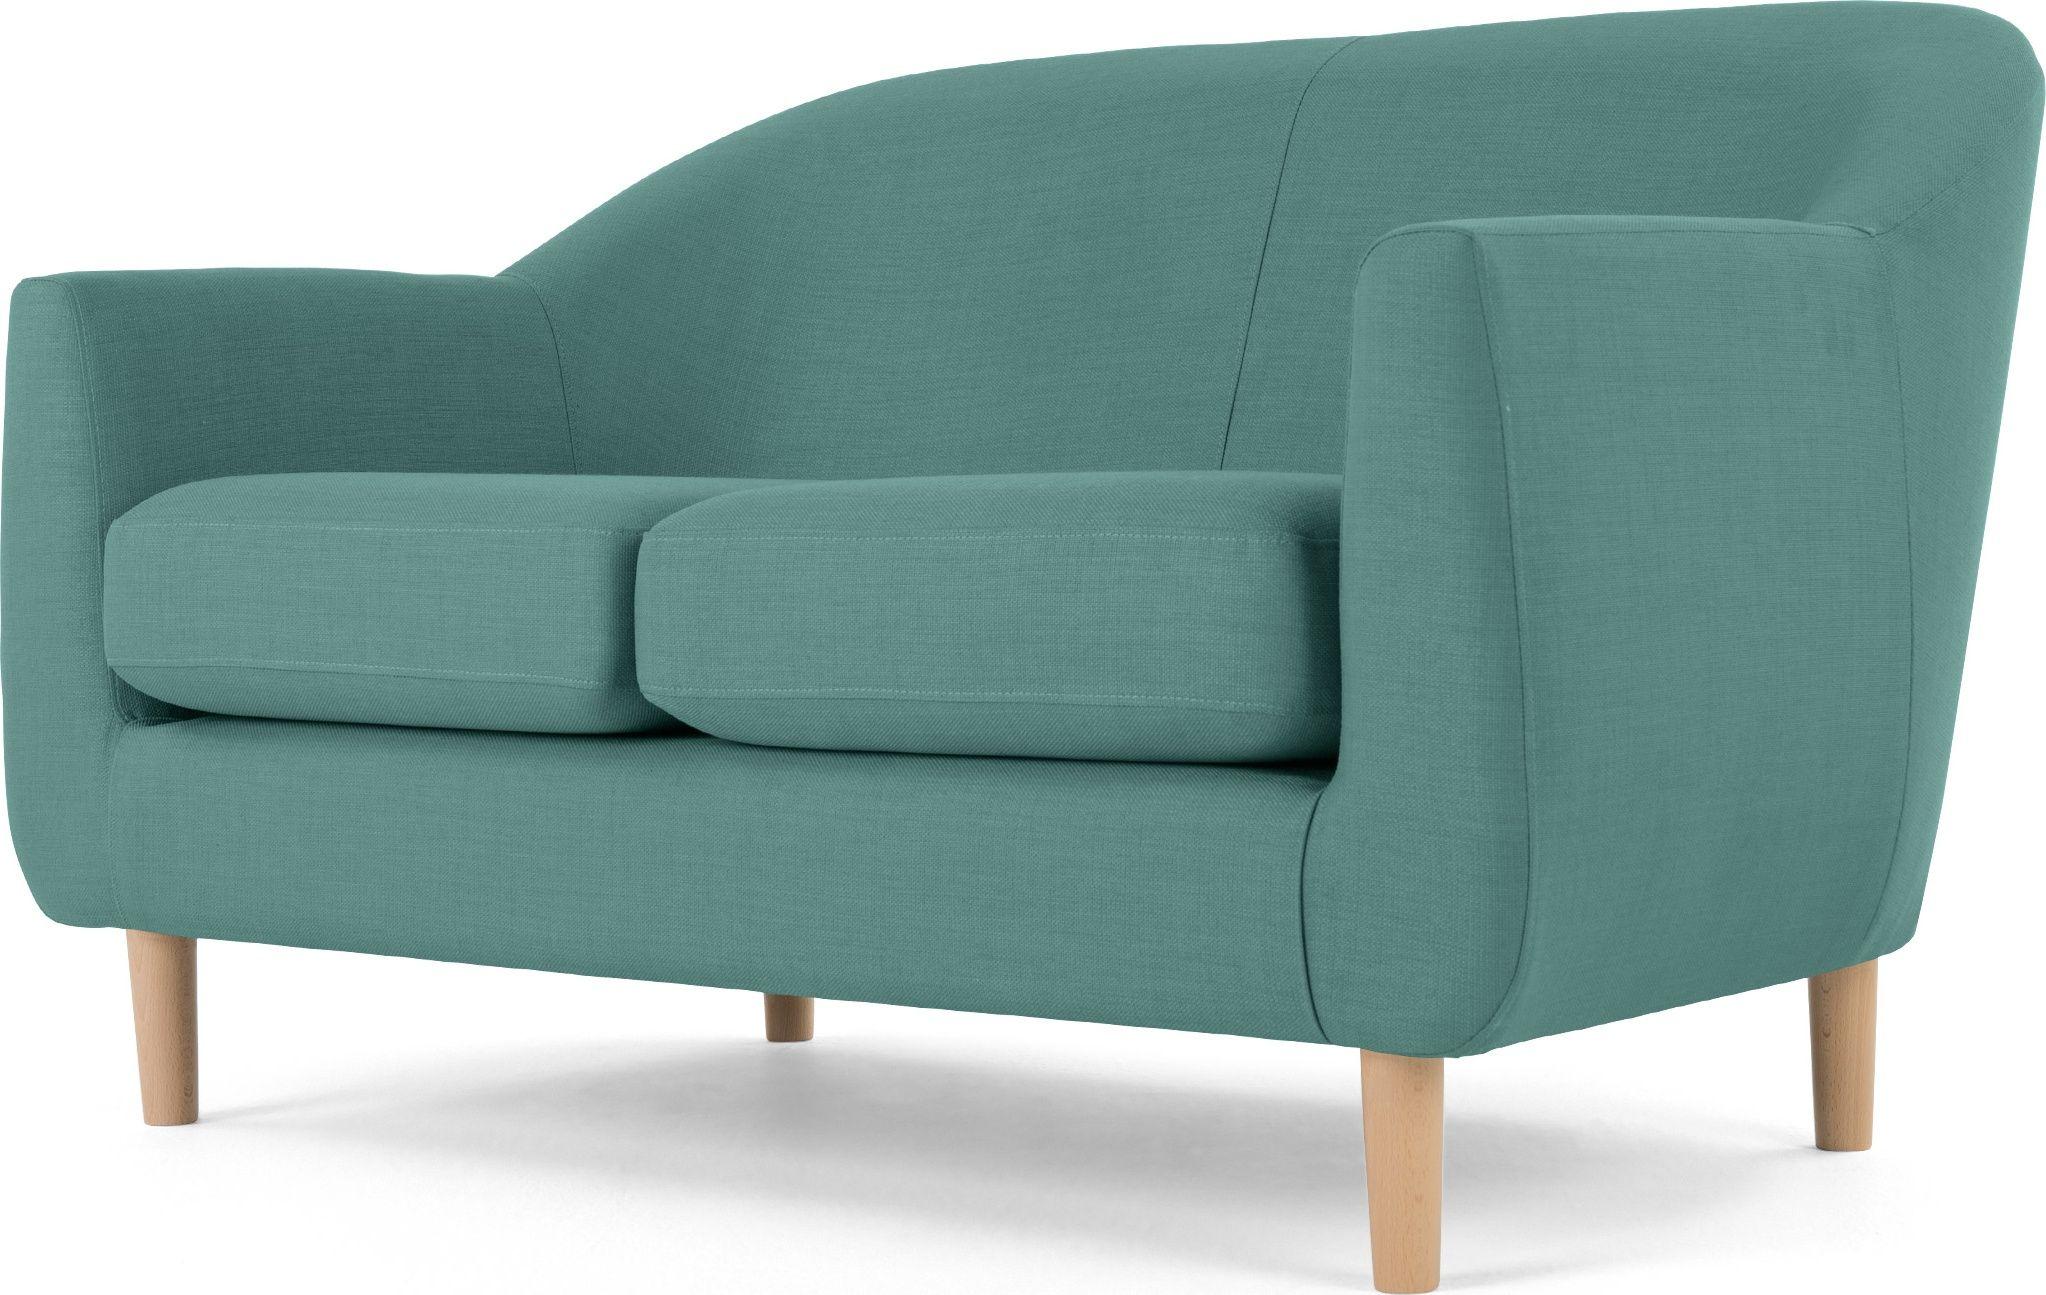 Made Soft Teal Sofa 2 Seater Sofa Teal Sofa Sofa